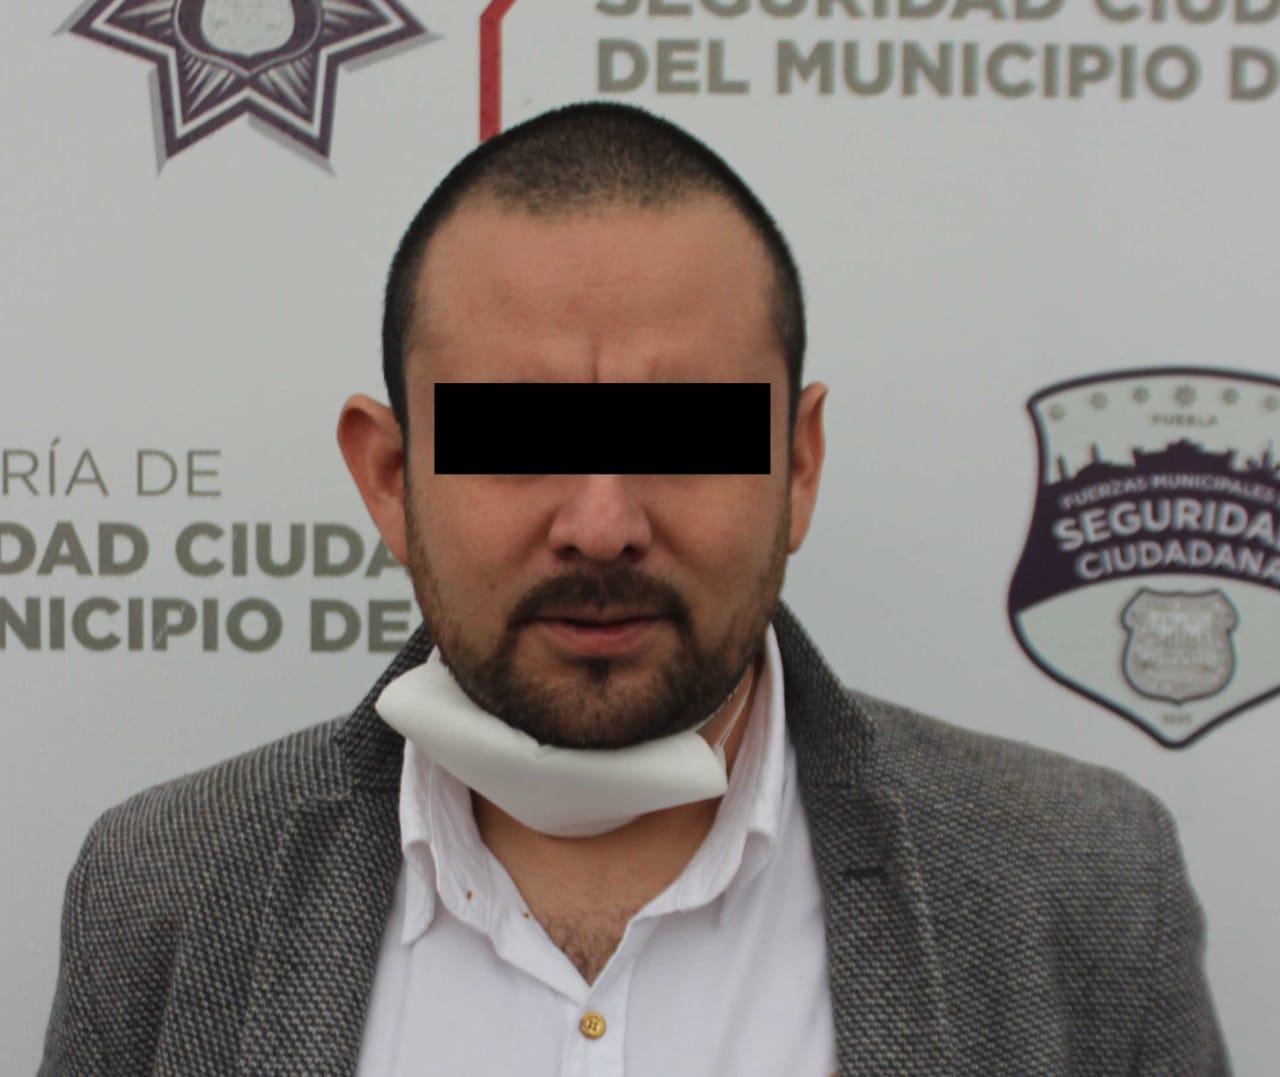 Tránsito municipal de Puebla detuvo a sujeto por portación ilegal de arma de fuego